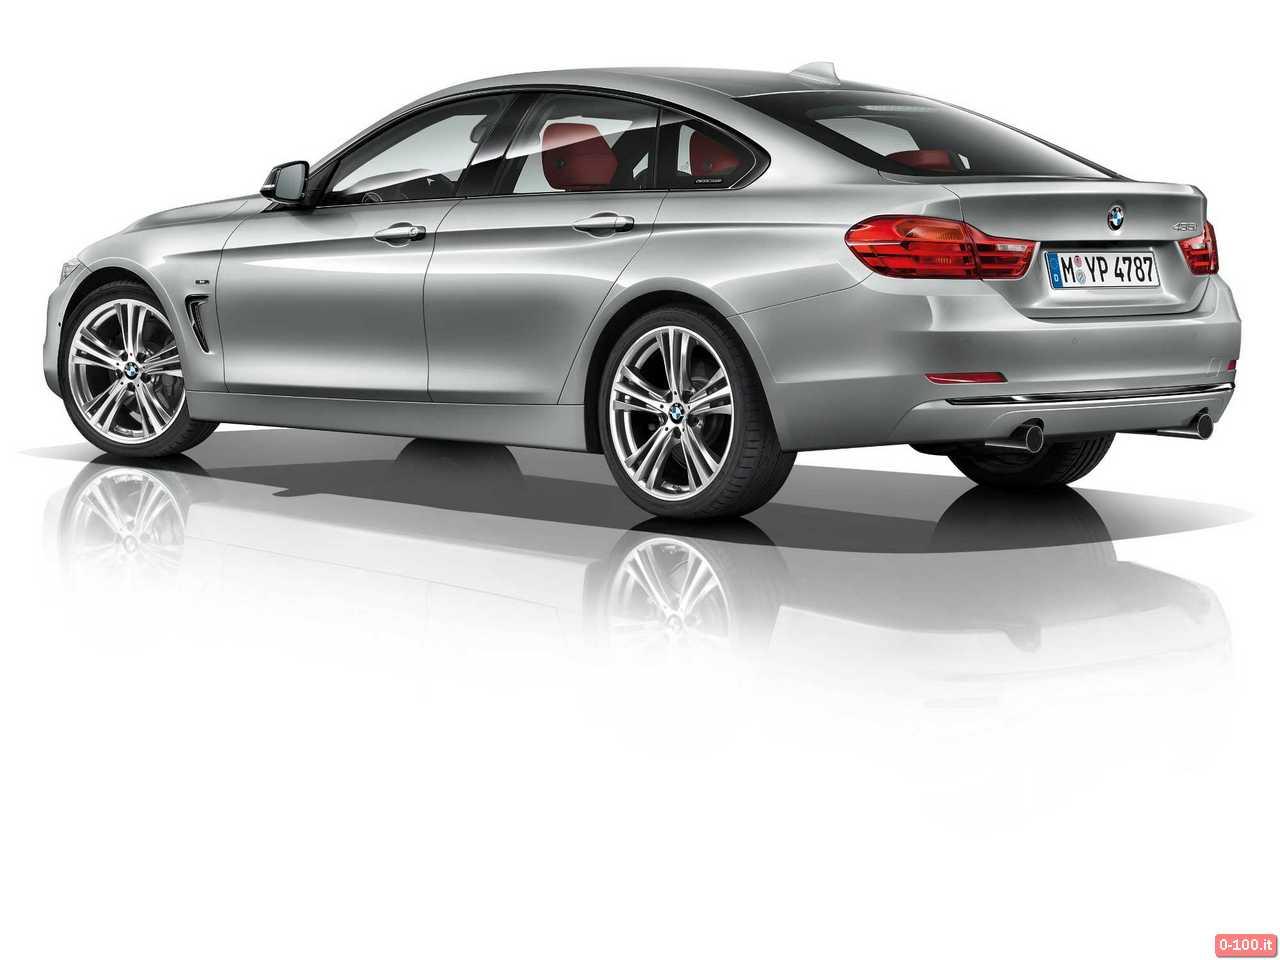 bmw-serie-4-gran-coupe-prezzo-price-ginevra-geneve-2014-0-100_81